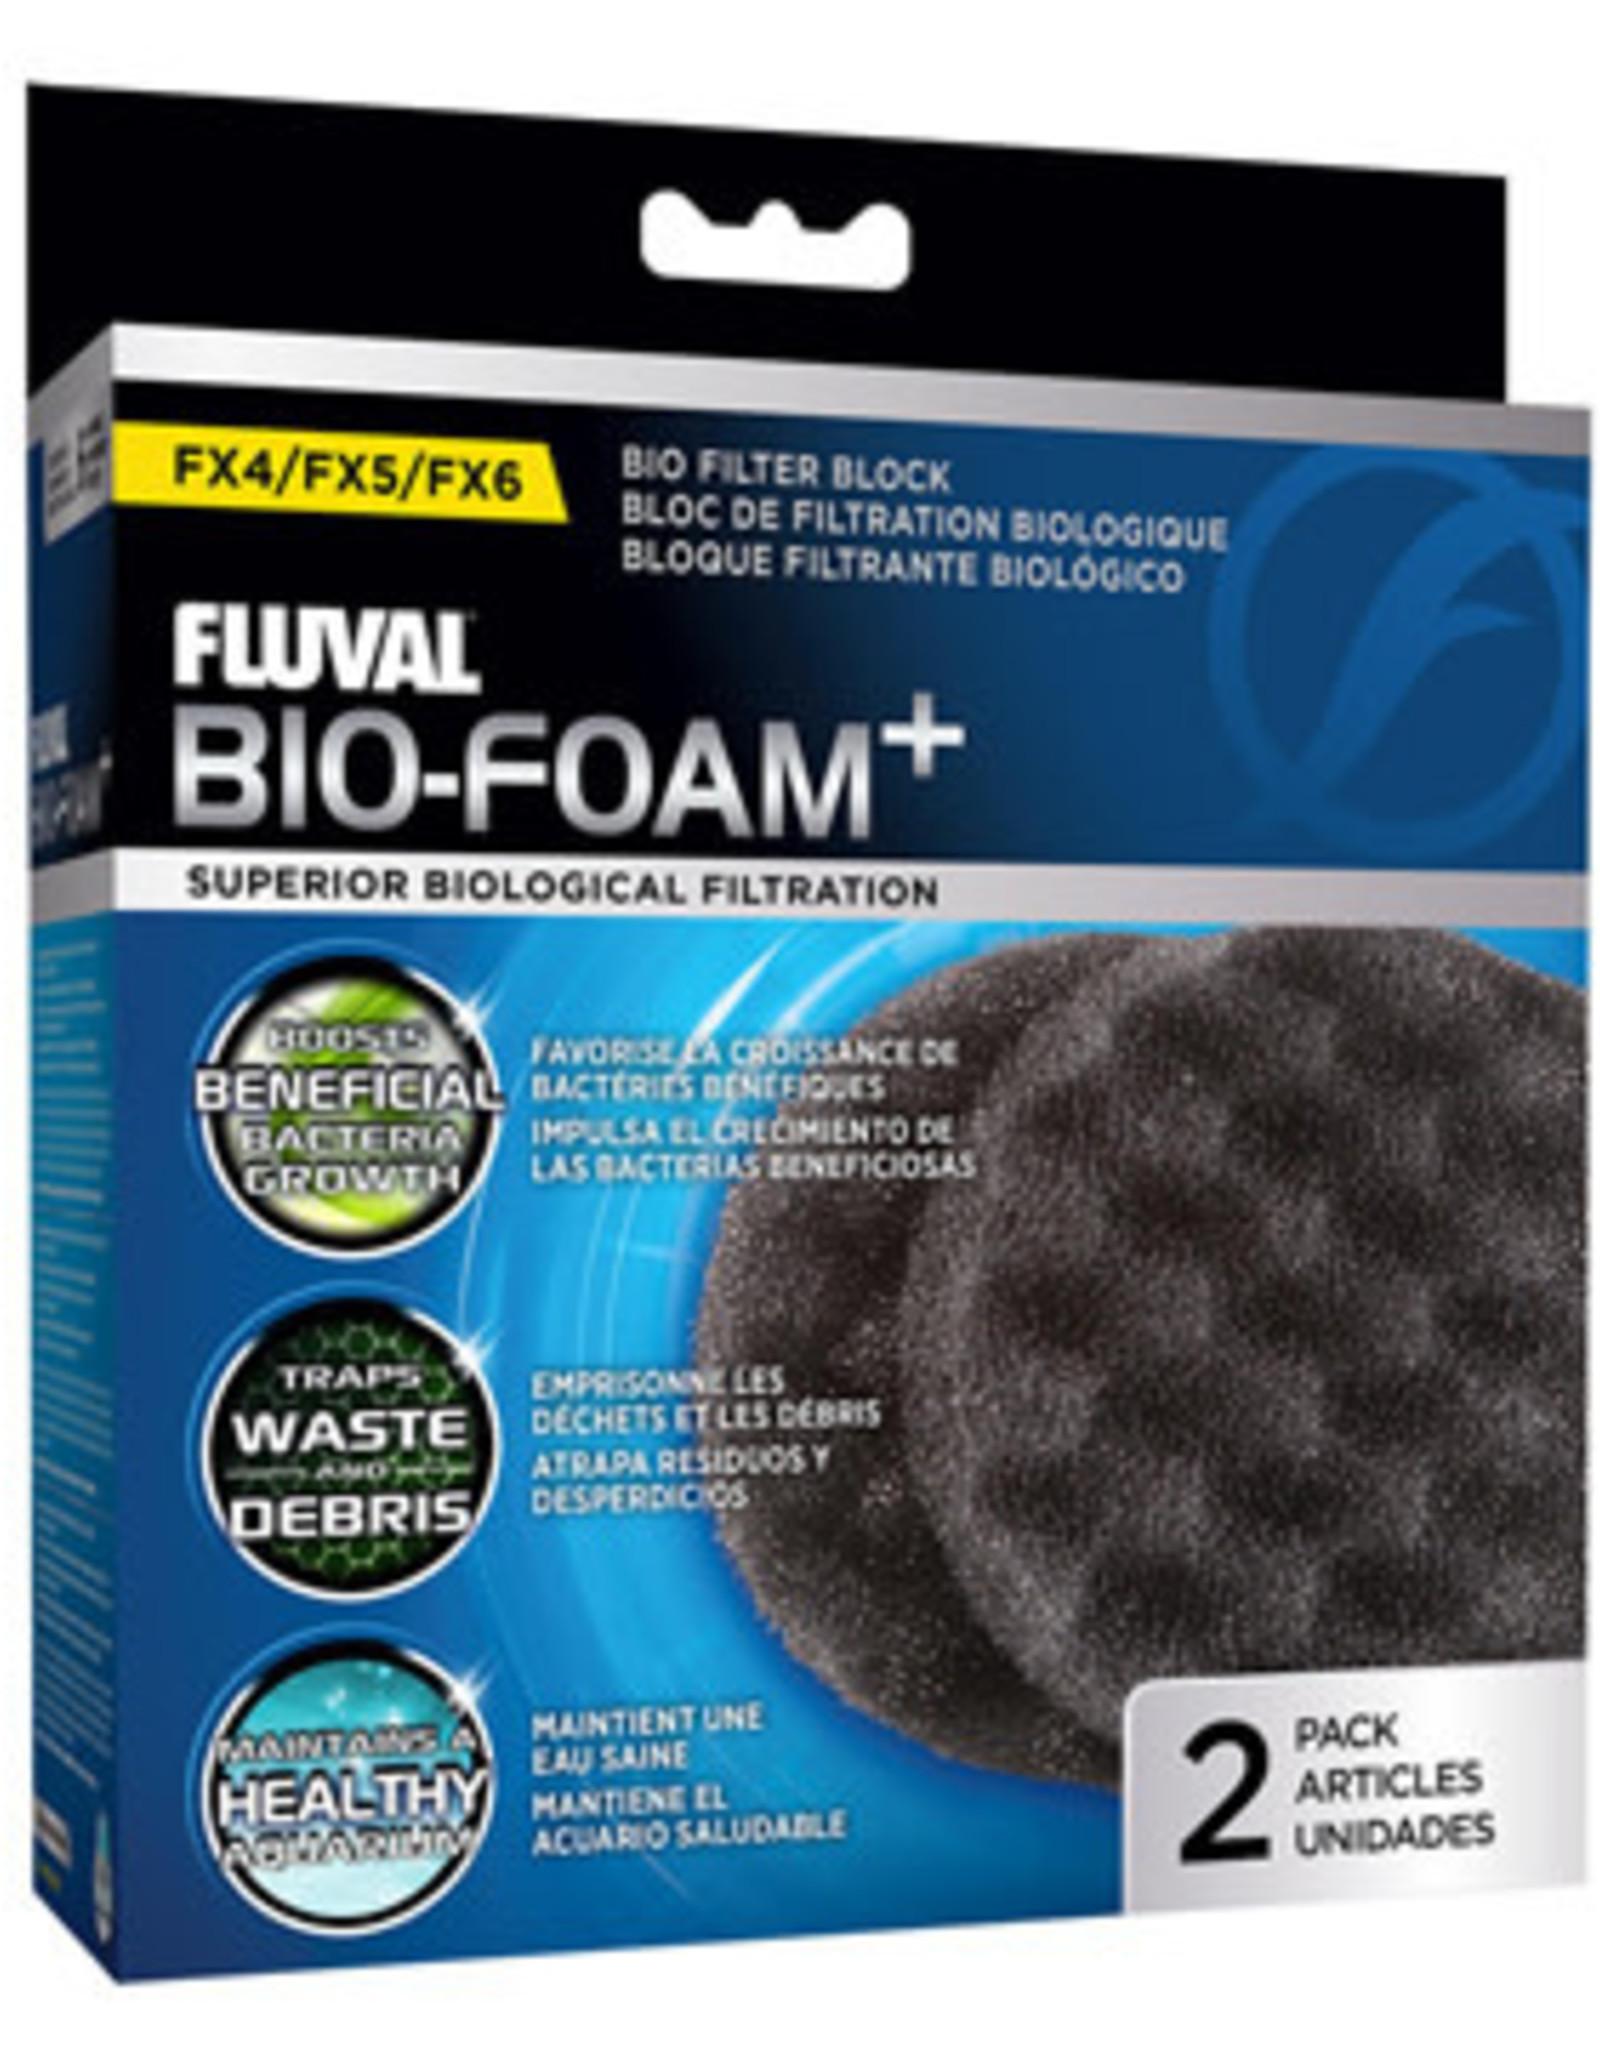 Fluval Fluval FX5/FX6 Bio-Foam, 2 pcs